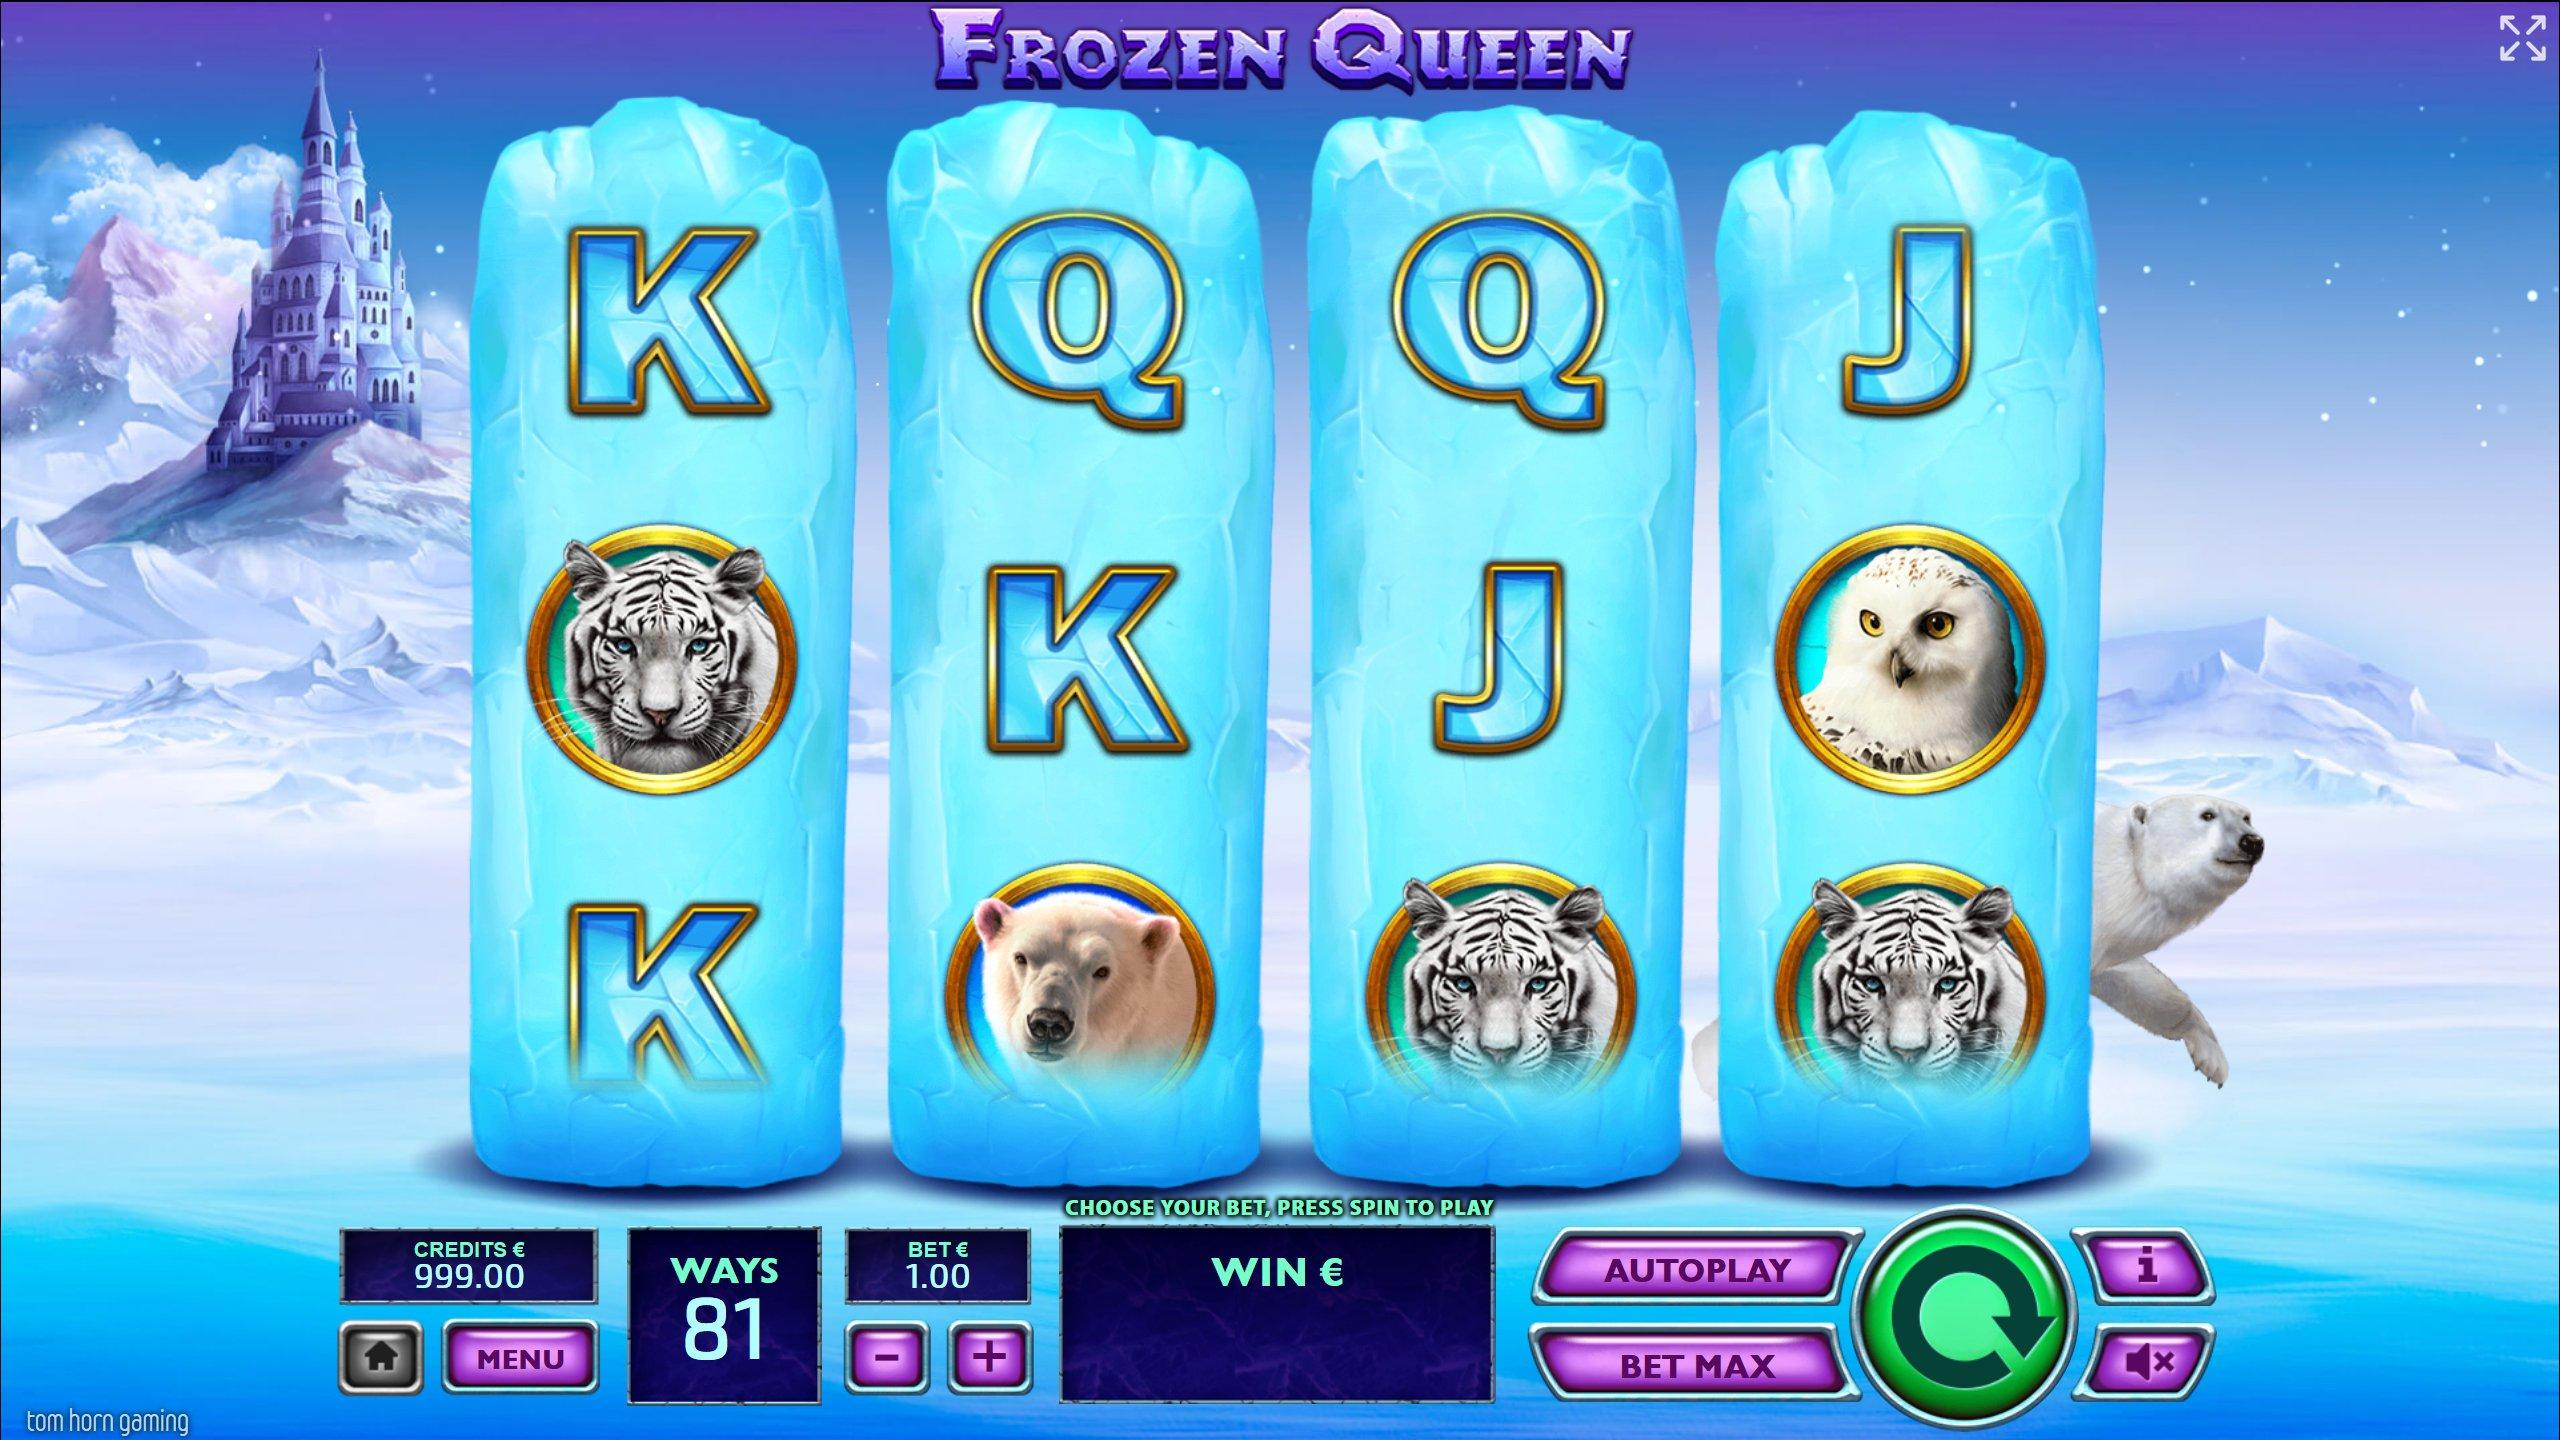 Frozen Queen at netbet casino